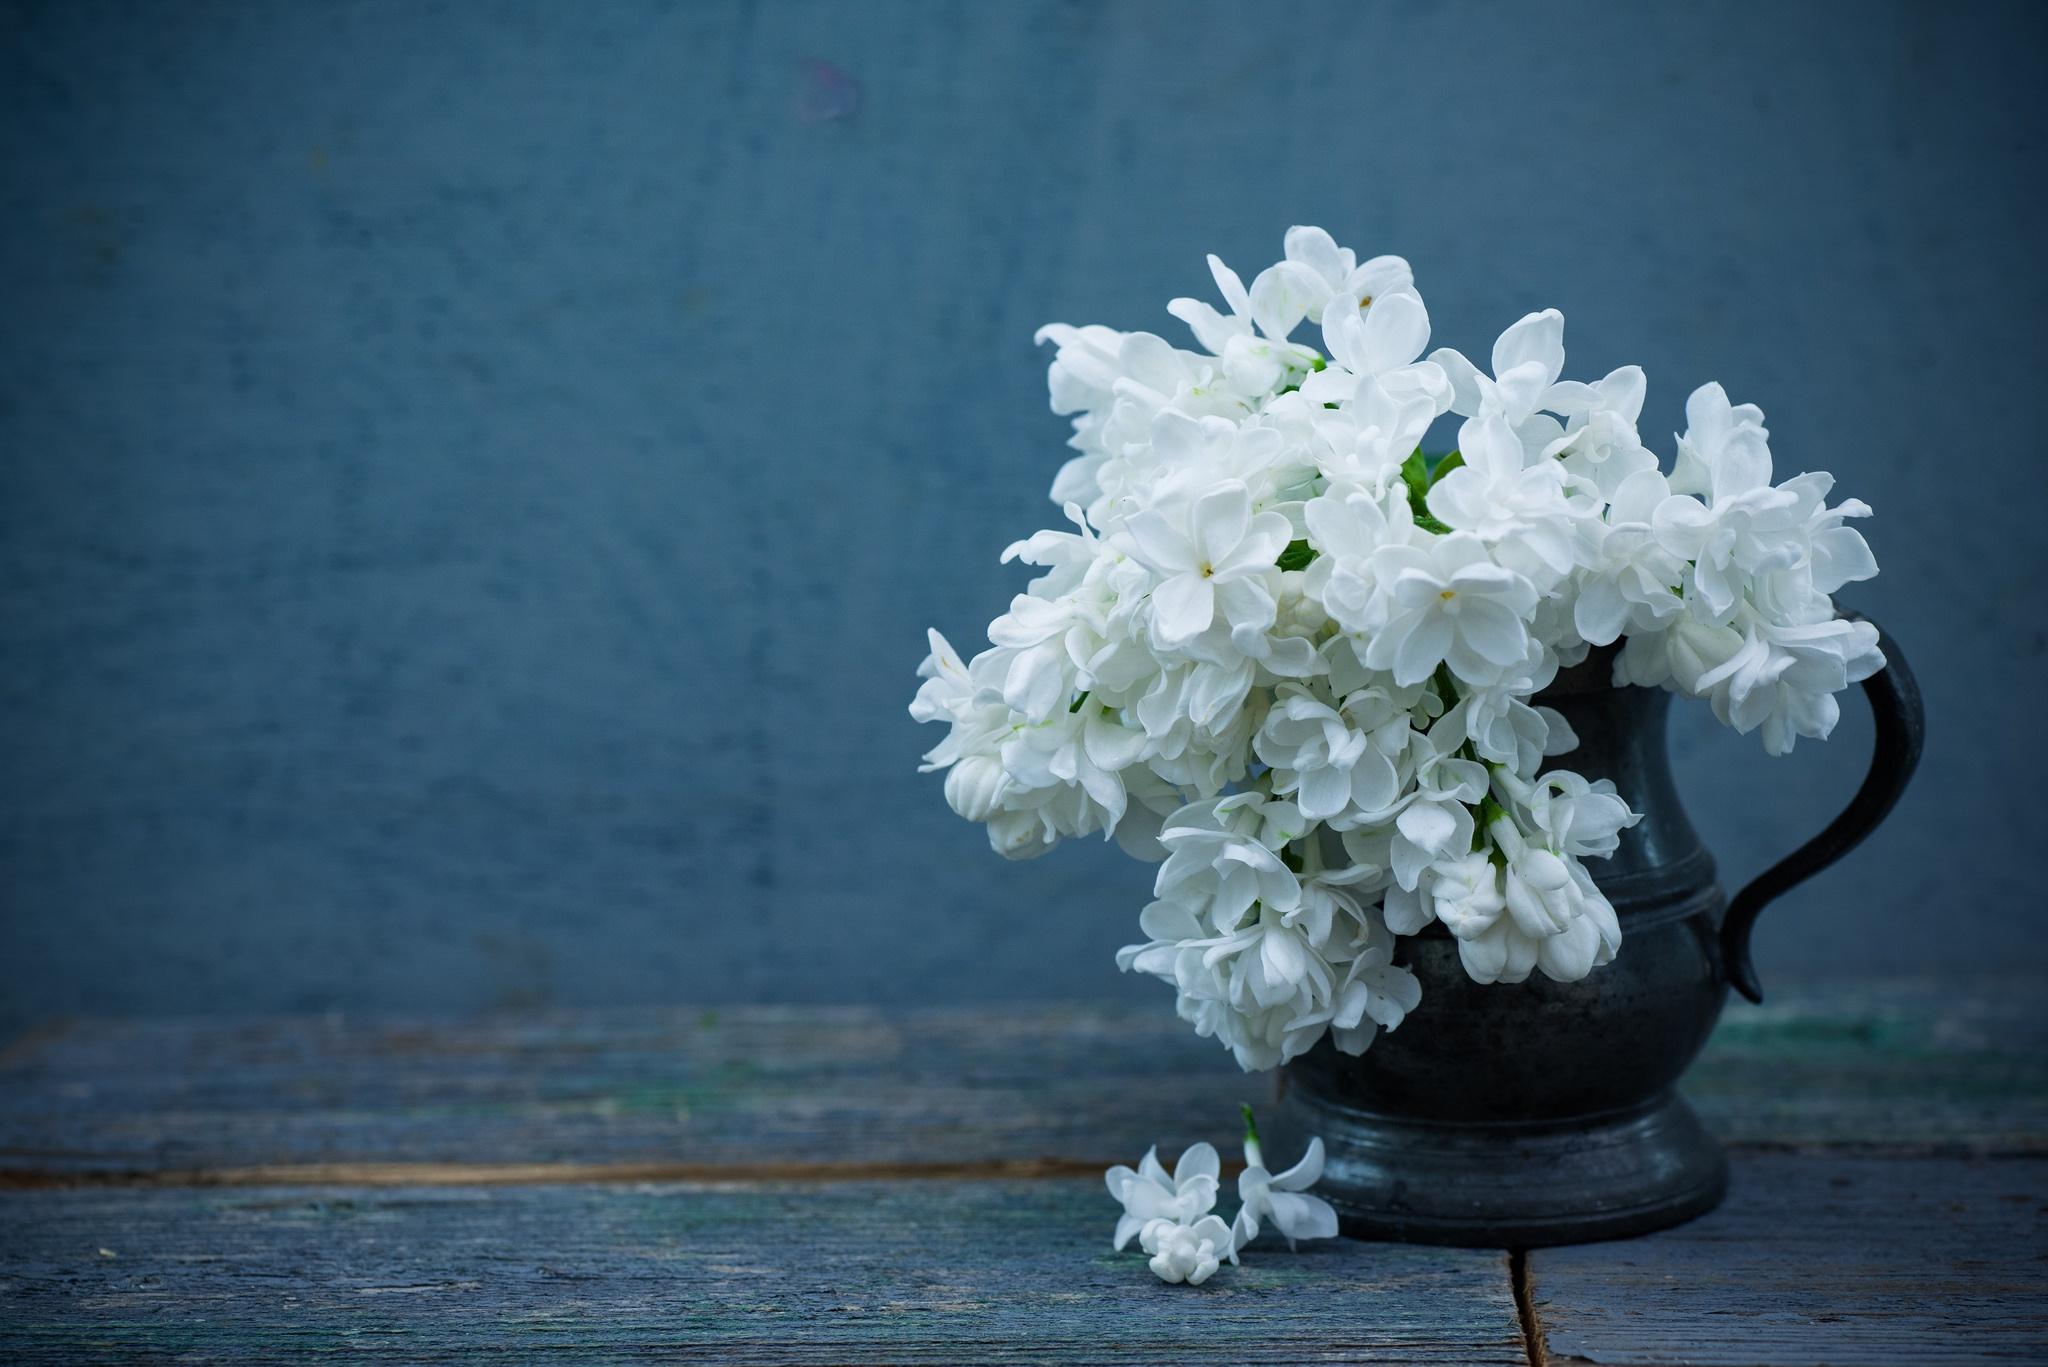 Jug Lilac Petal White Flower 2048x1367